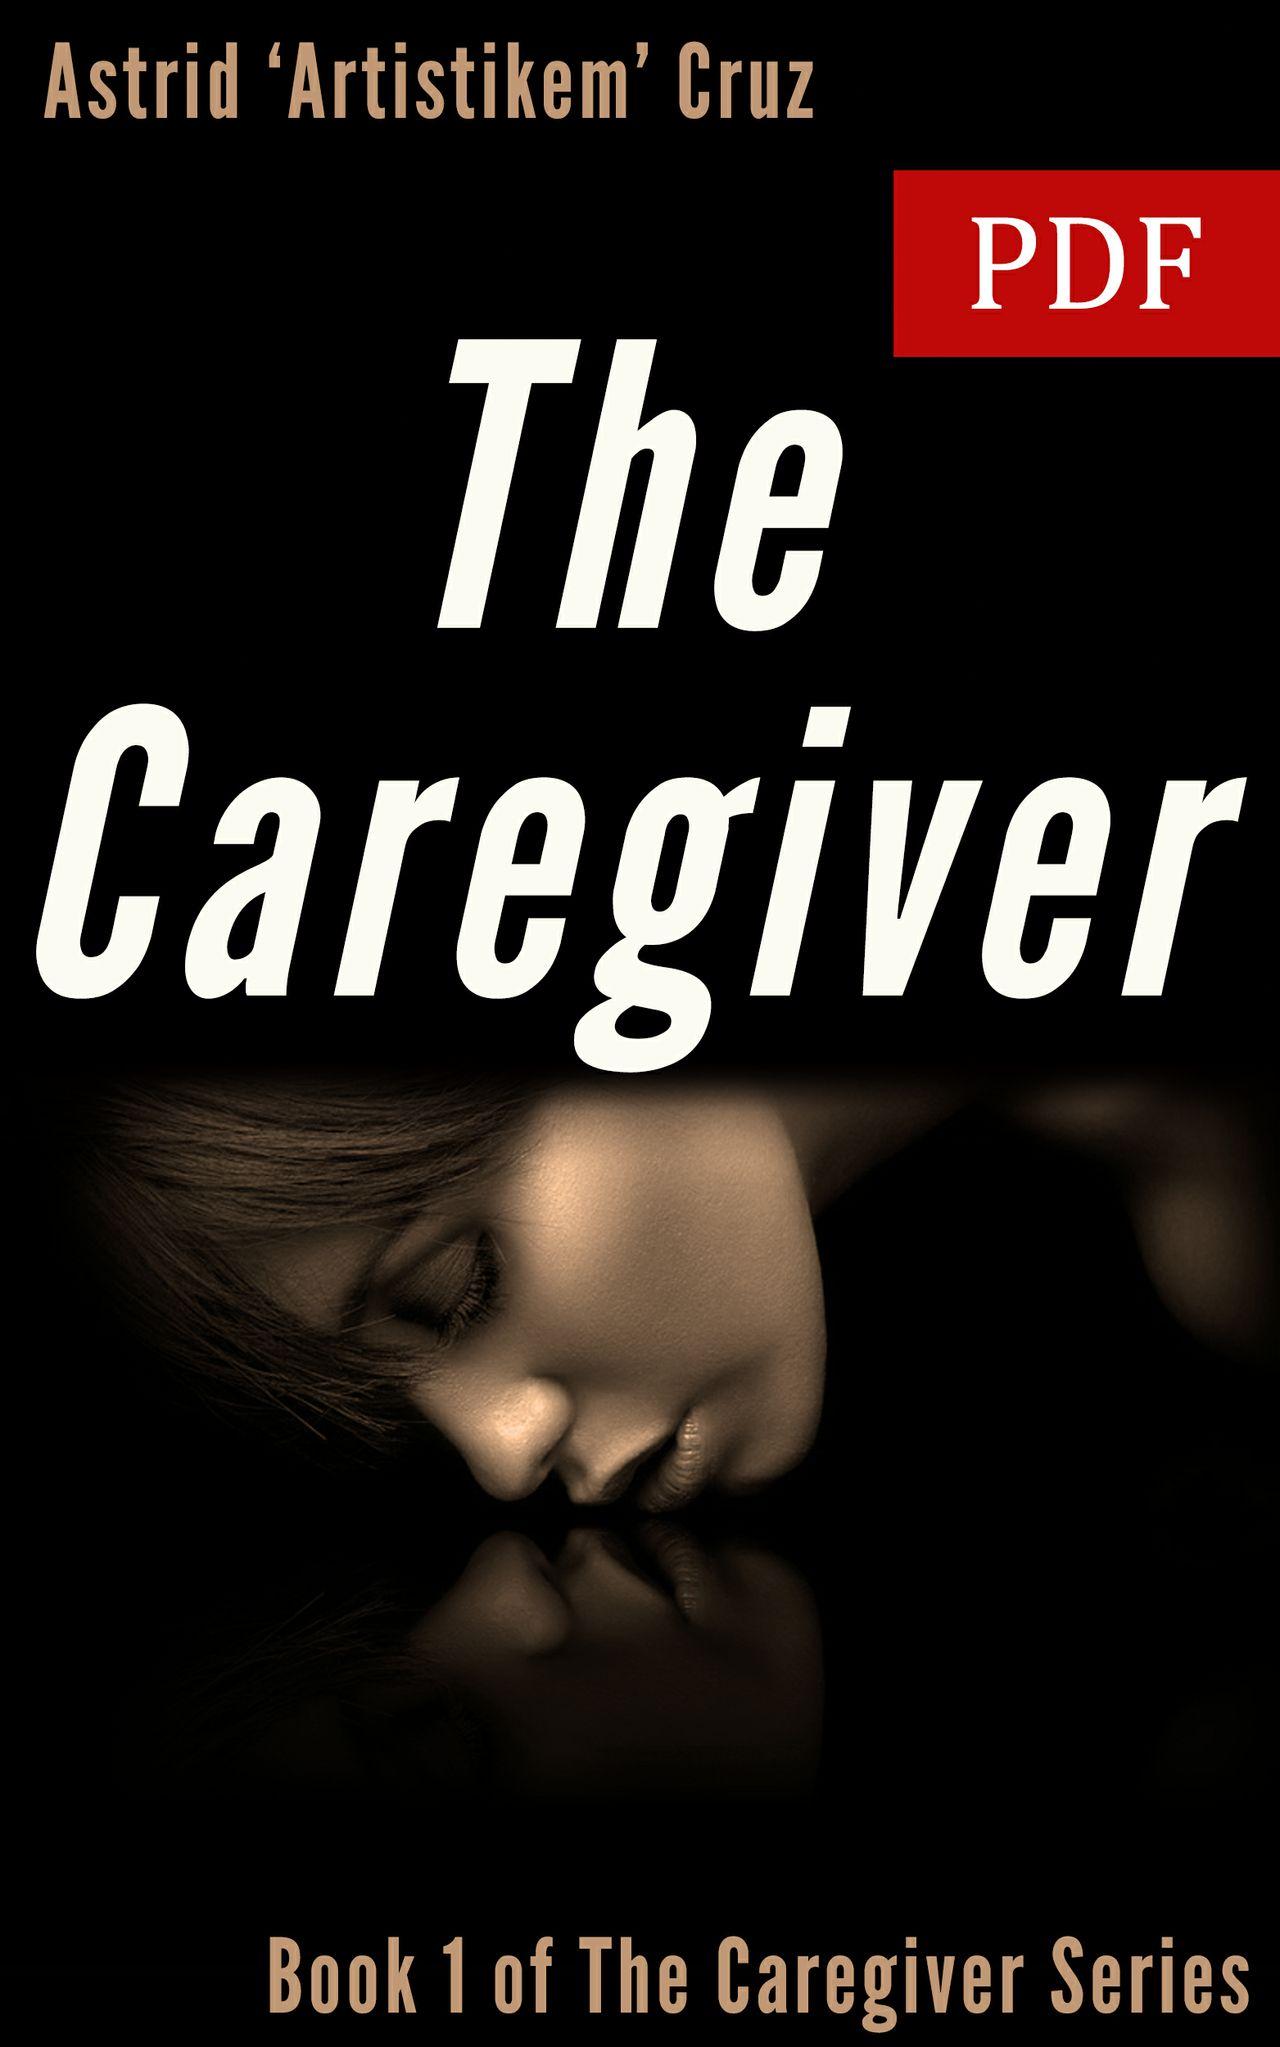 The Caregiver (Book 1 of The Caregiver Series) - PDF